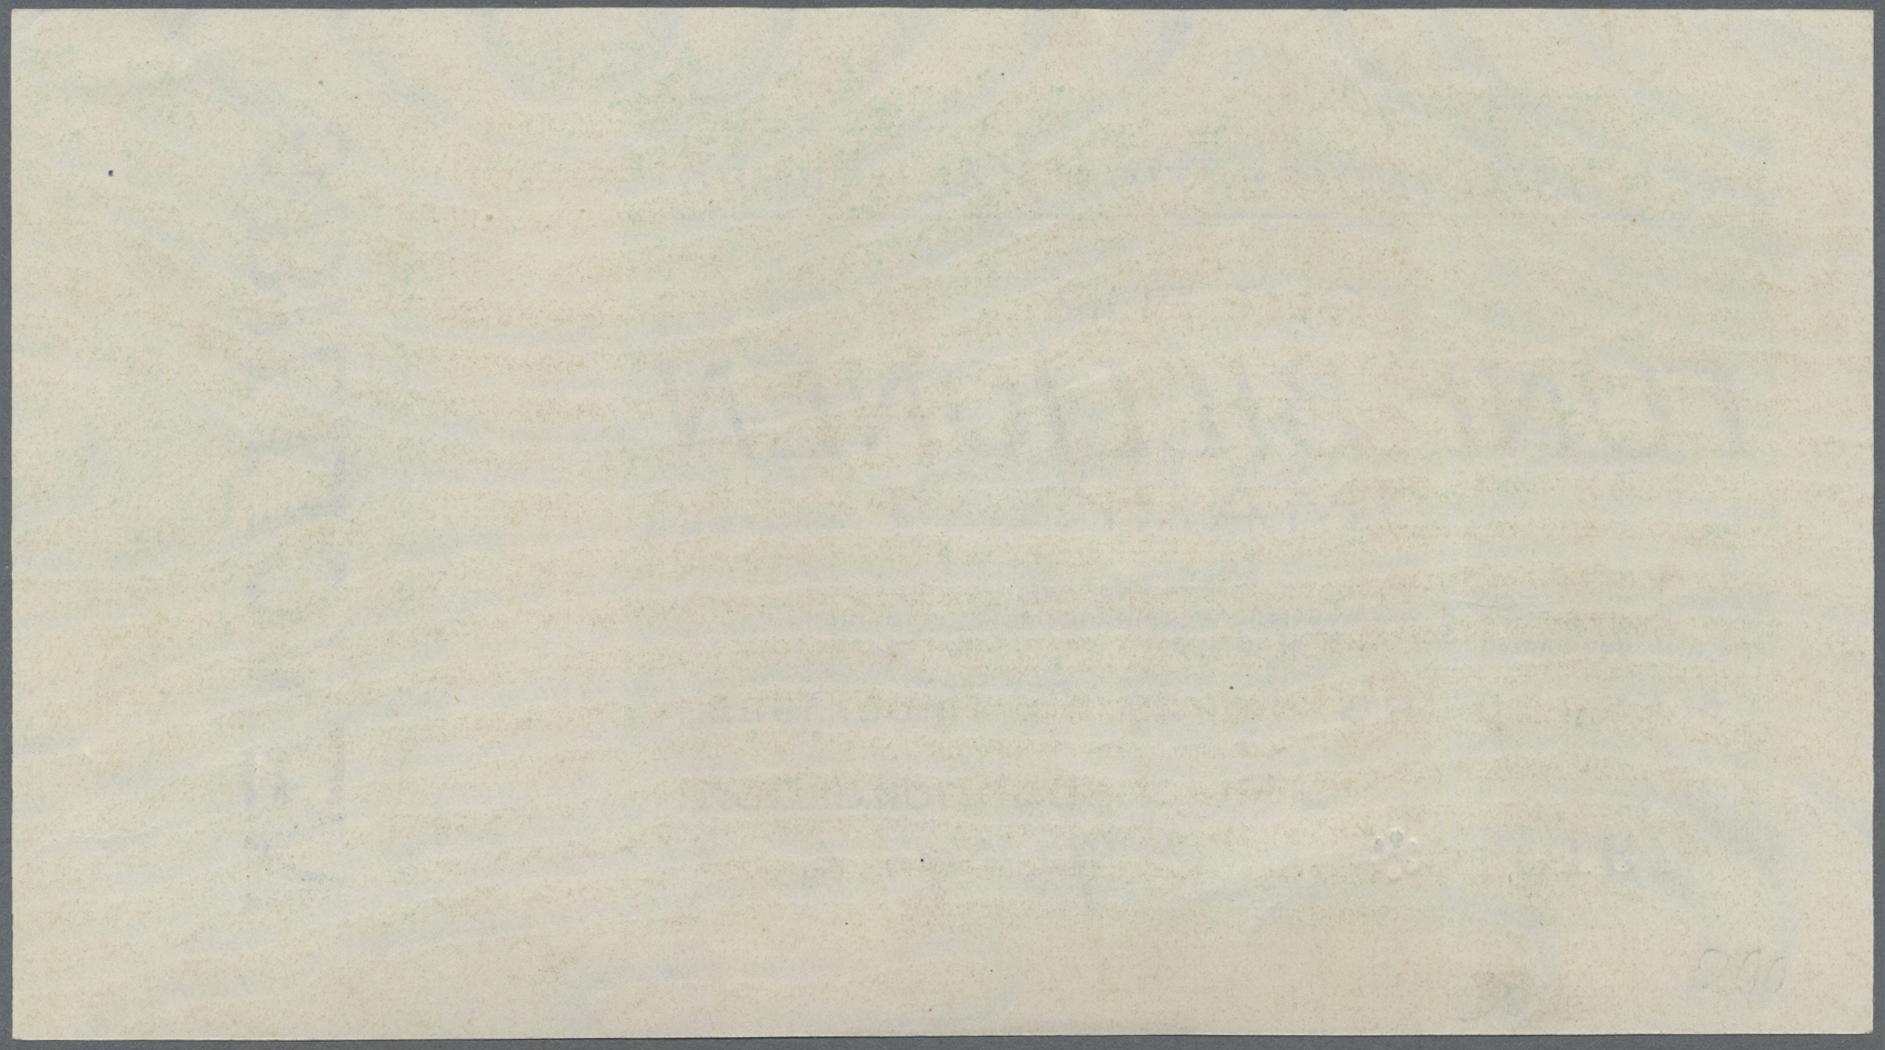 Lot 01406 - Deutschland - Reichsbahn / Reichspost | Banknoten  -  Auktionshaus Christoph Gärtner GmbH & Co. KG Sale #48 The Banknotes